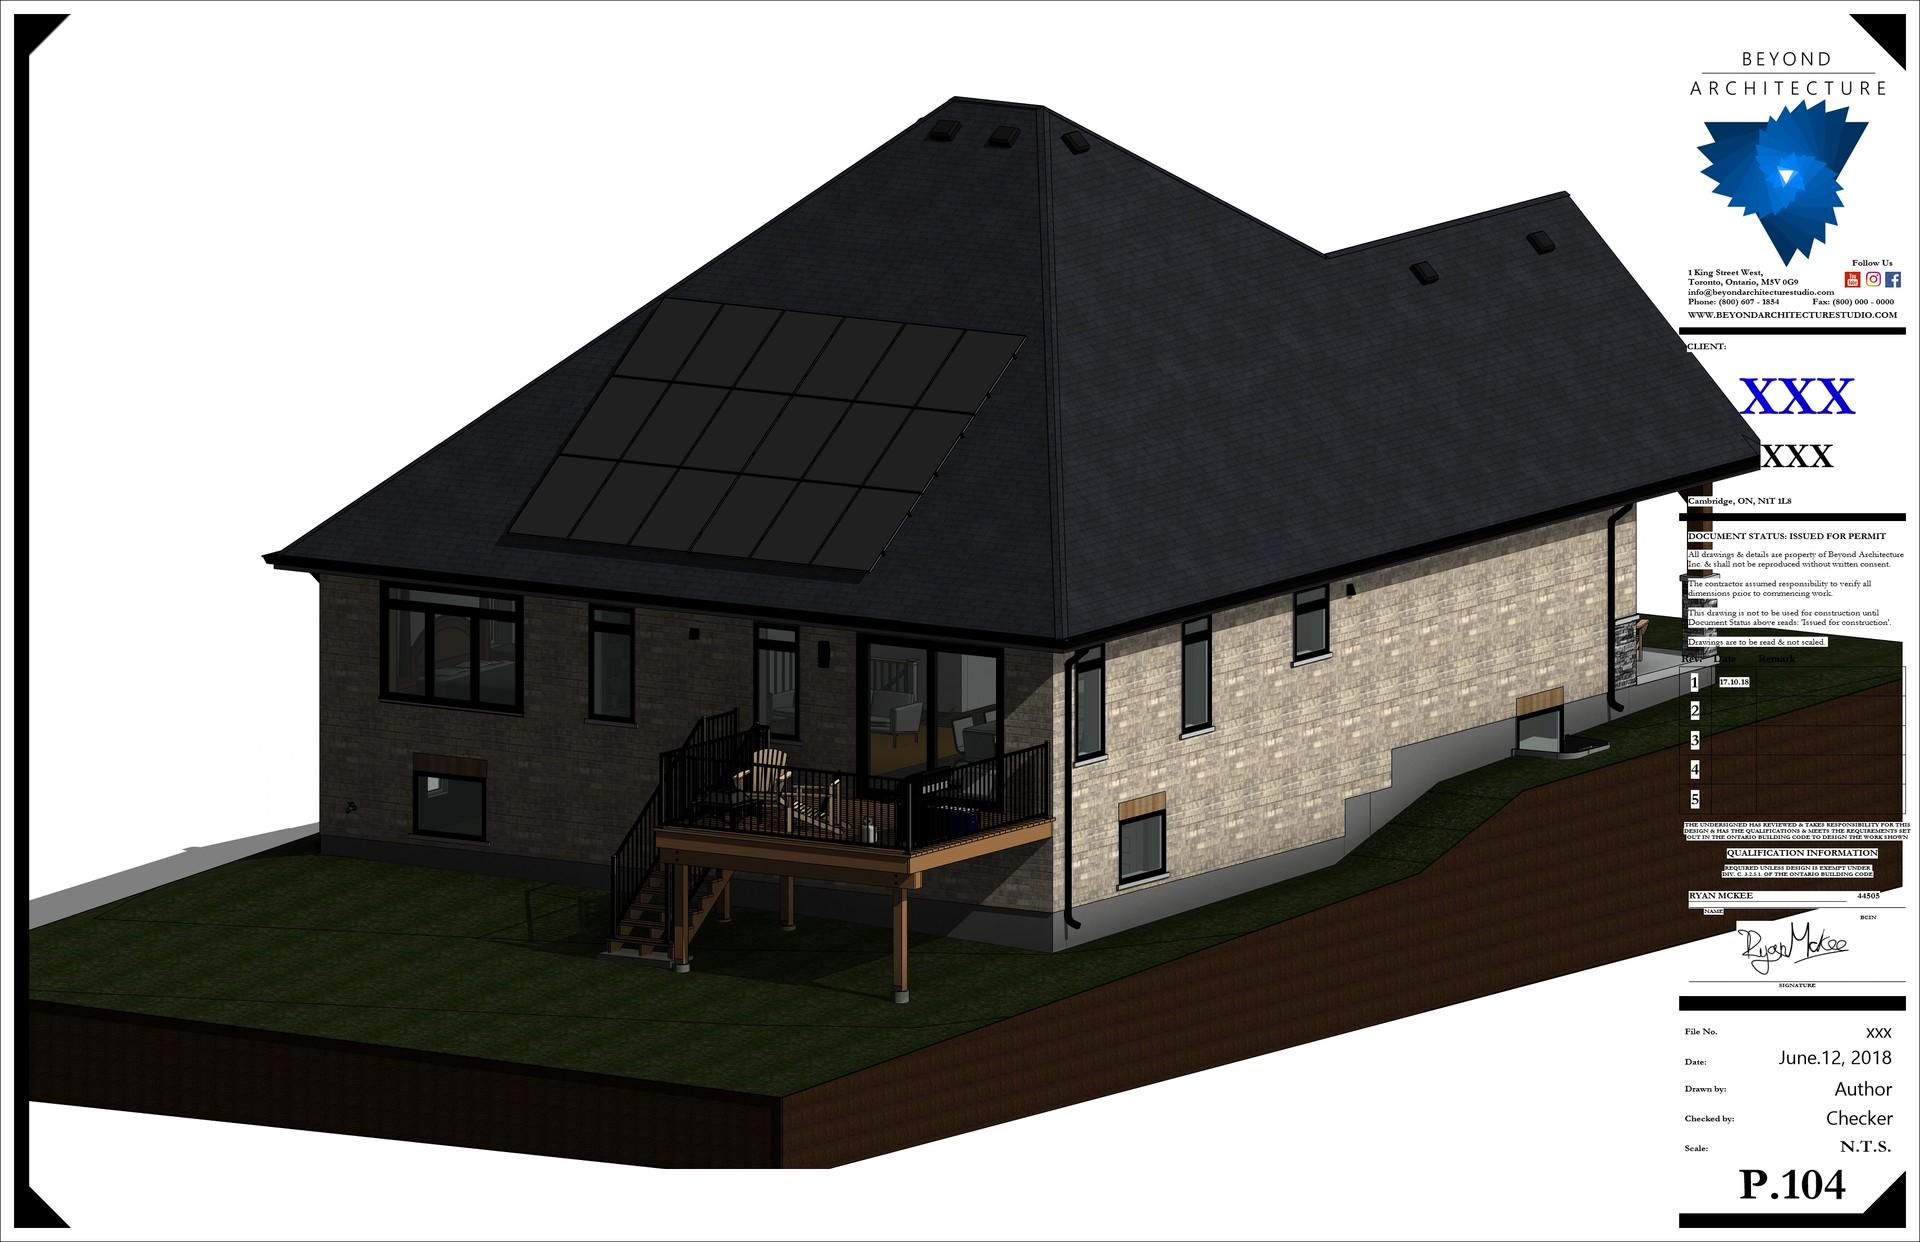 Beyond Architecture - Revit Template - Bungalow Construction Sheet